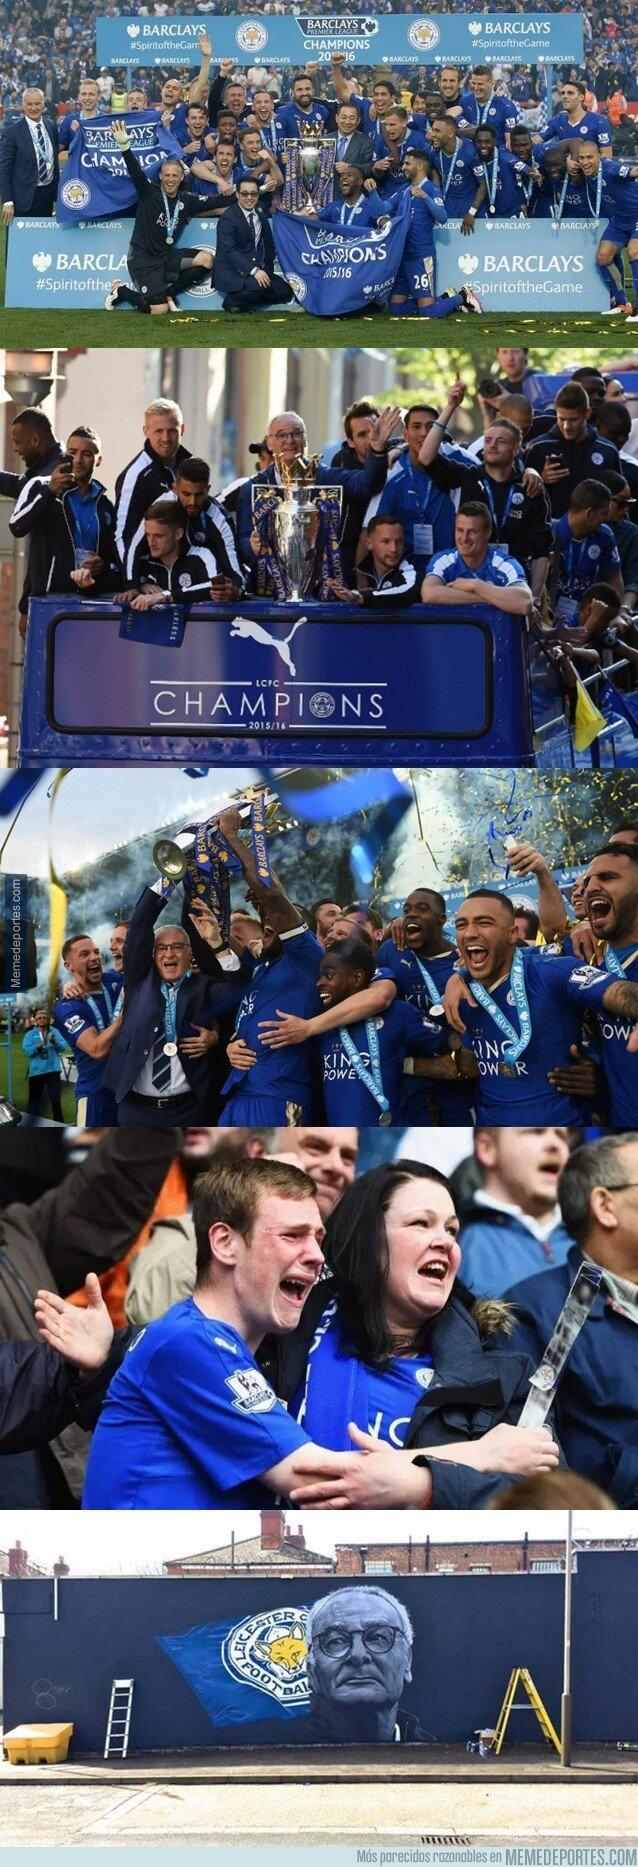 1073439 - Hace 3 años un humilde equipo de azul nos enseñó lo que es el verdadero trabajo duro